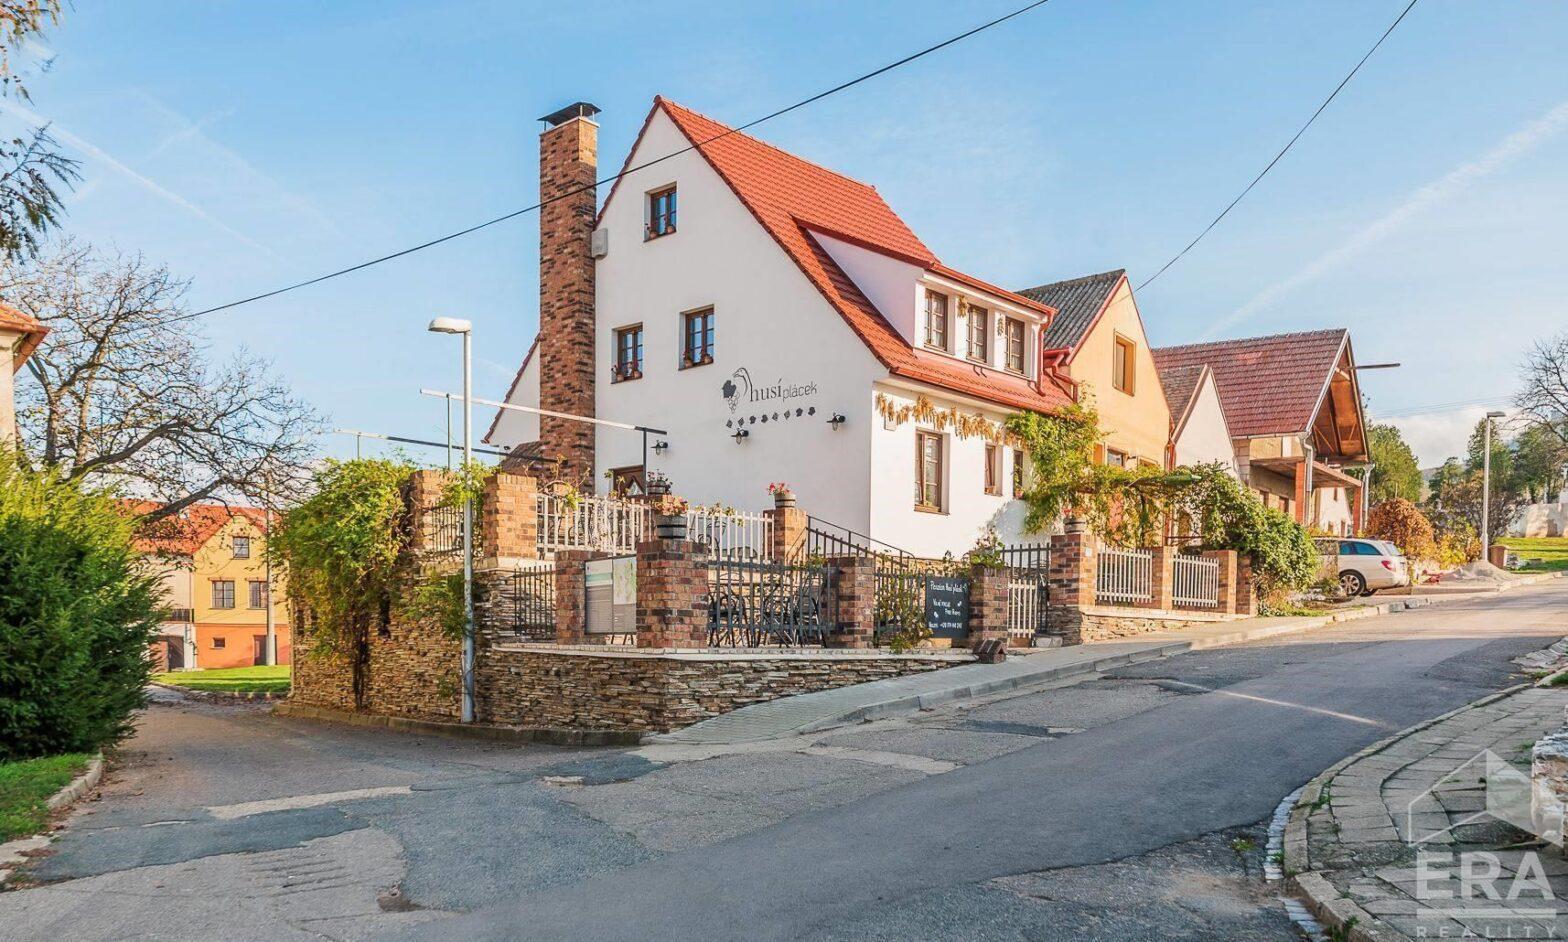 Pronájem penzionu s vinnými sklepy a restaurací, UP 436 m2, Dolní Věstonice